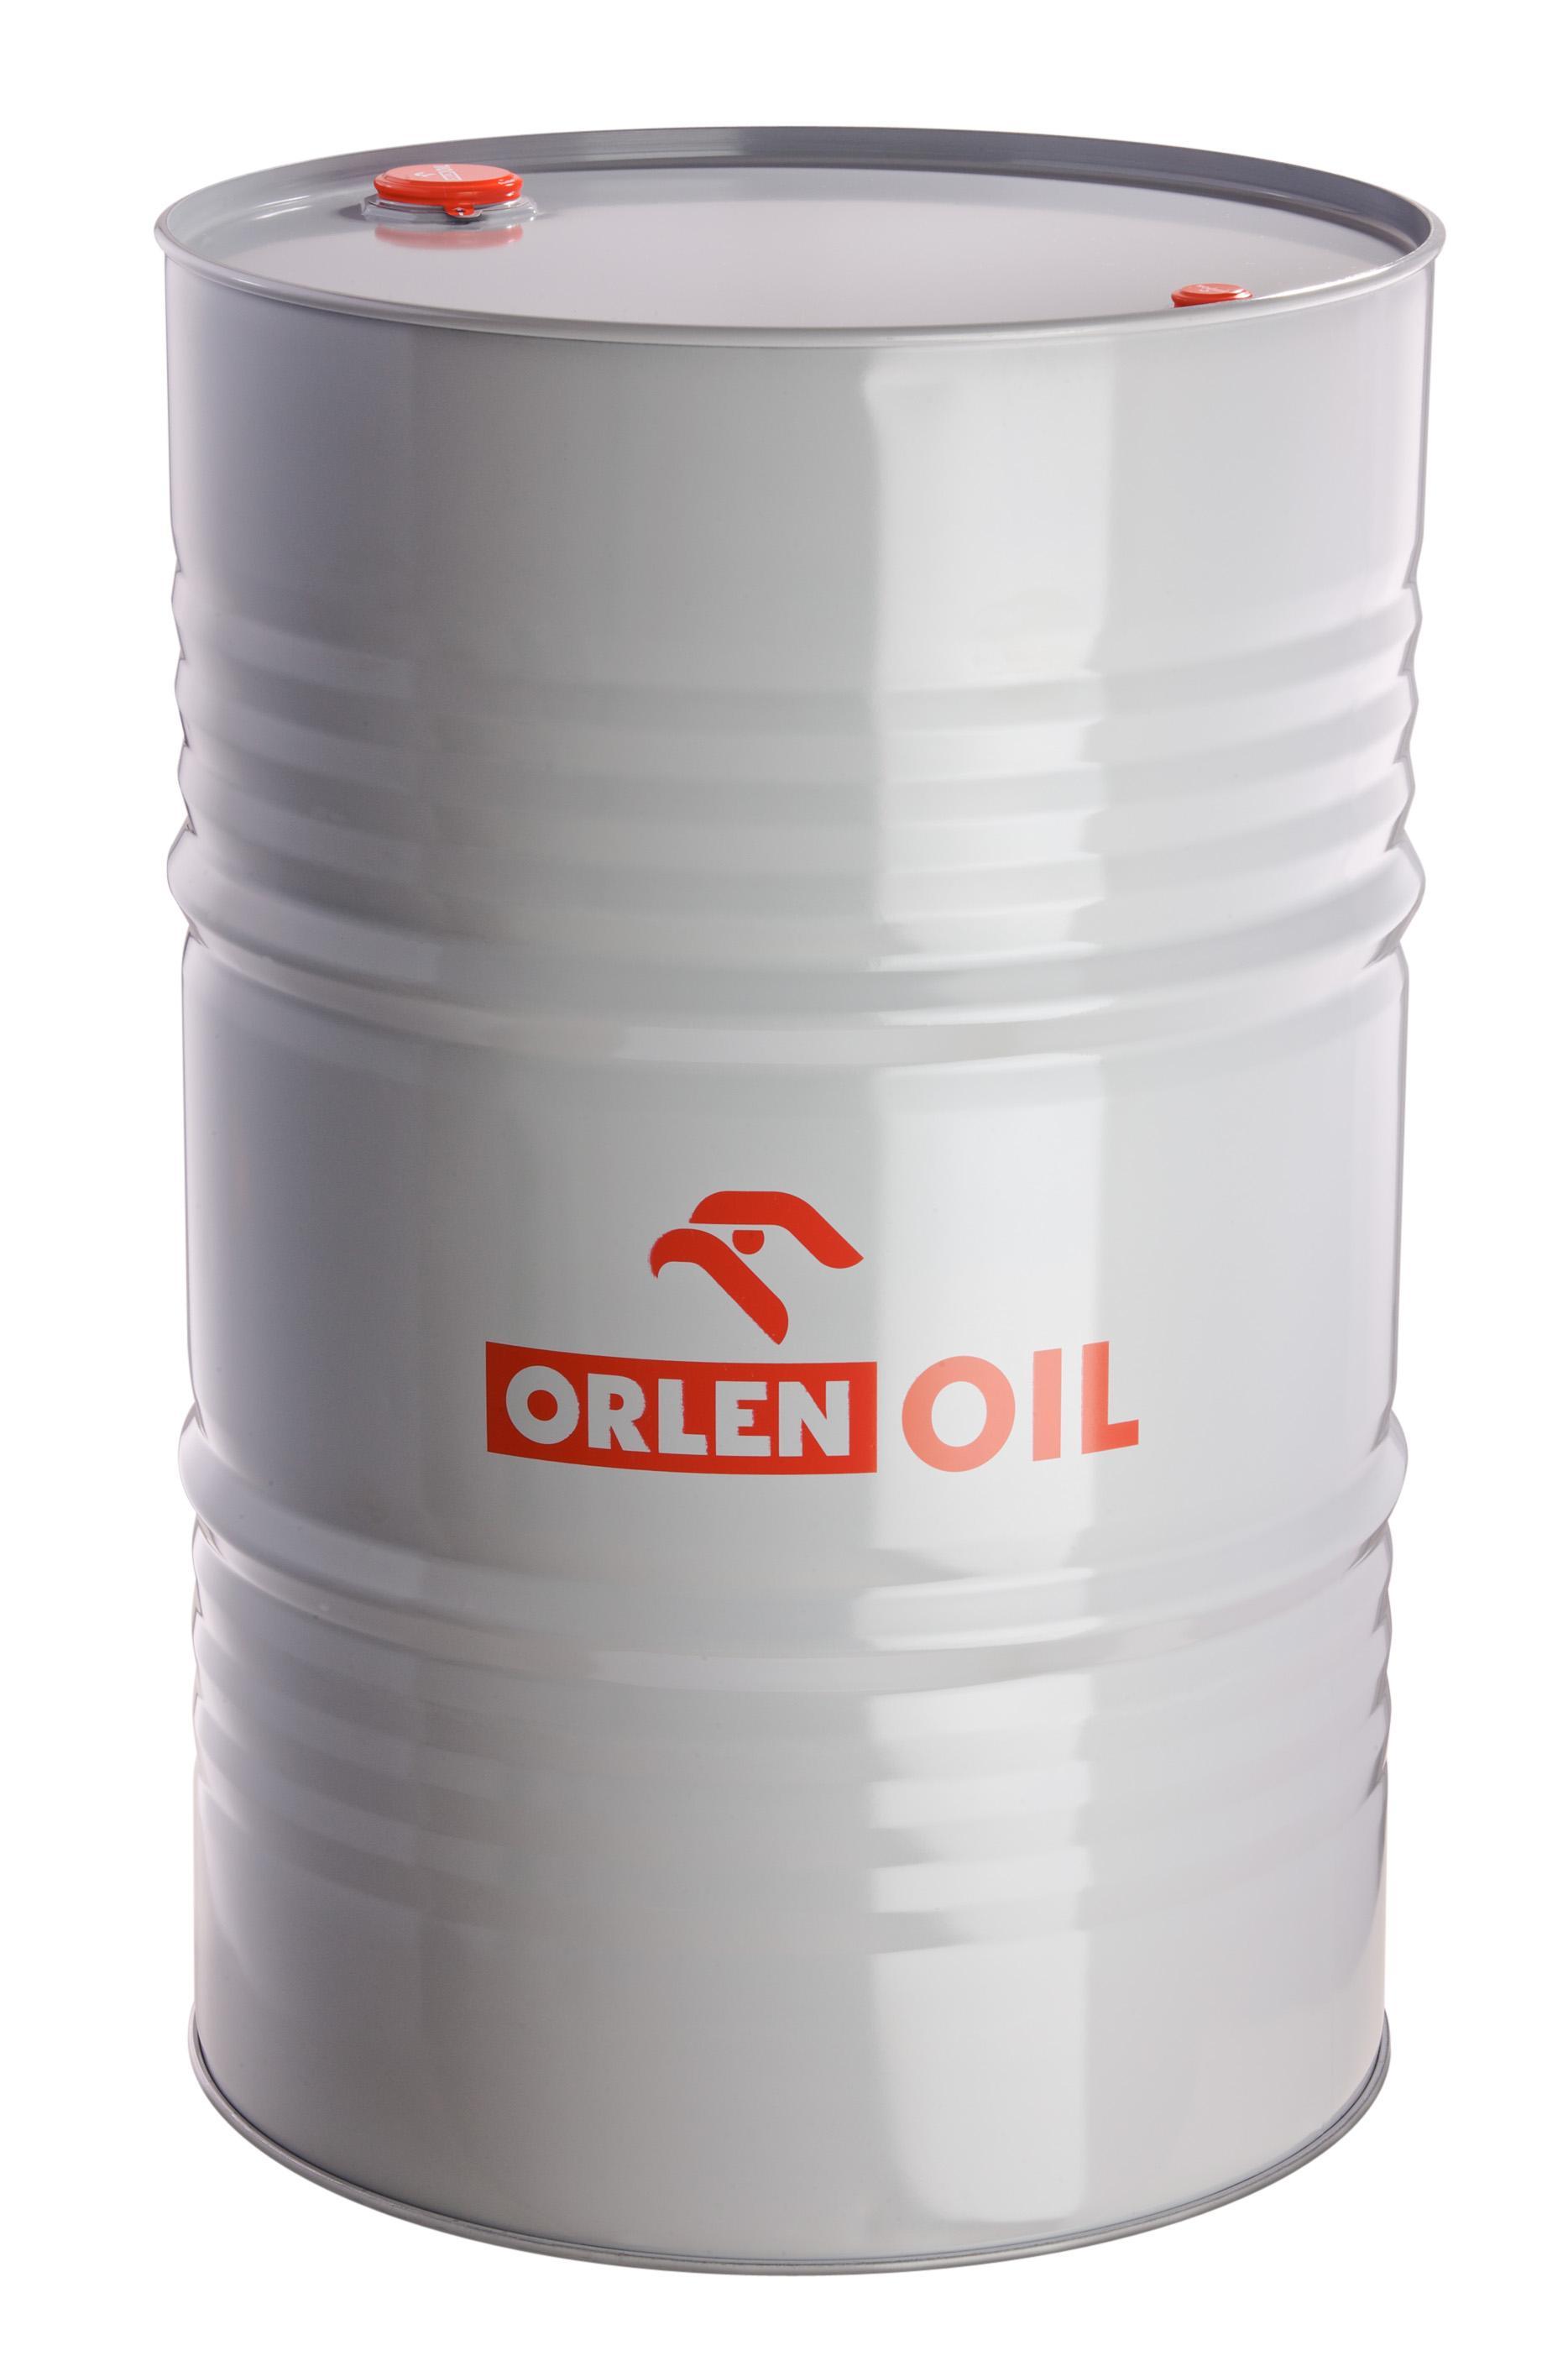 ORLEN OIL OLEJ CYLINDROWY CL-40 (PW-300)    B 180KG **